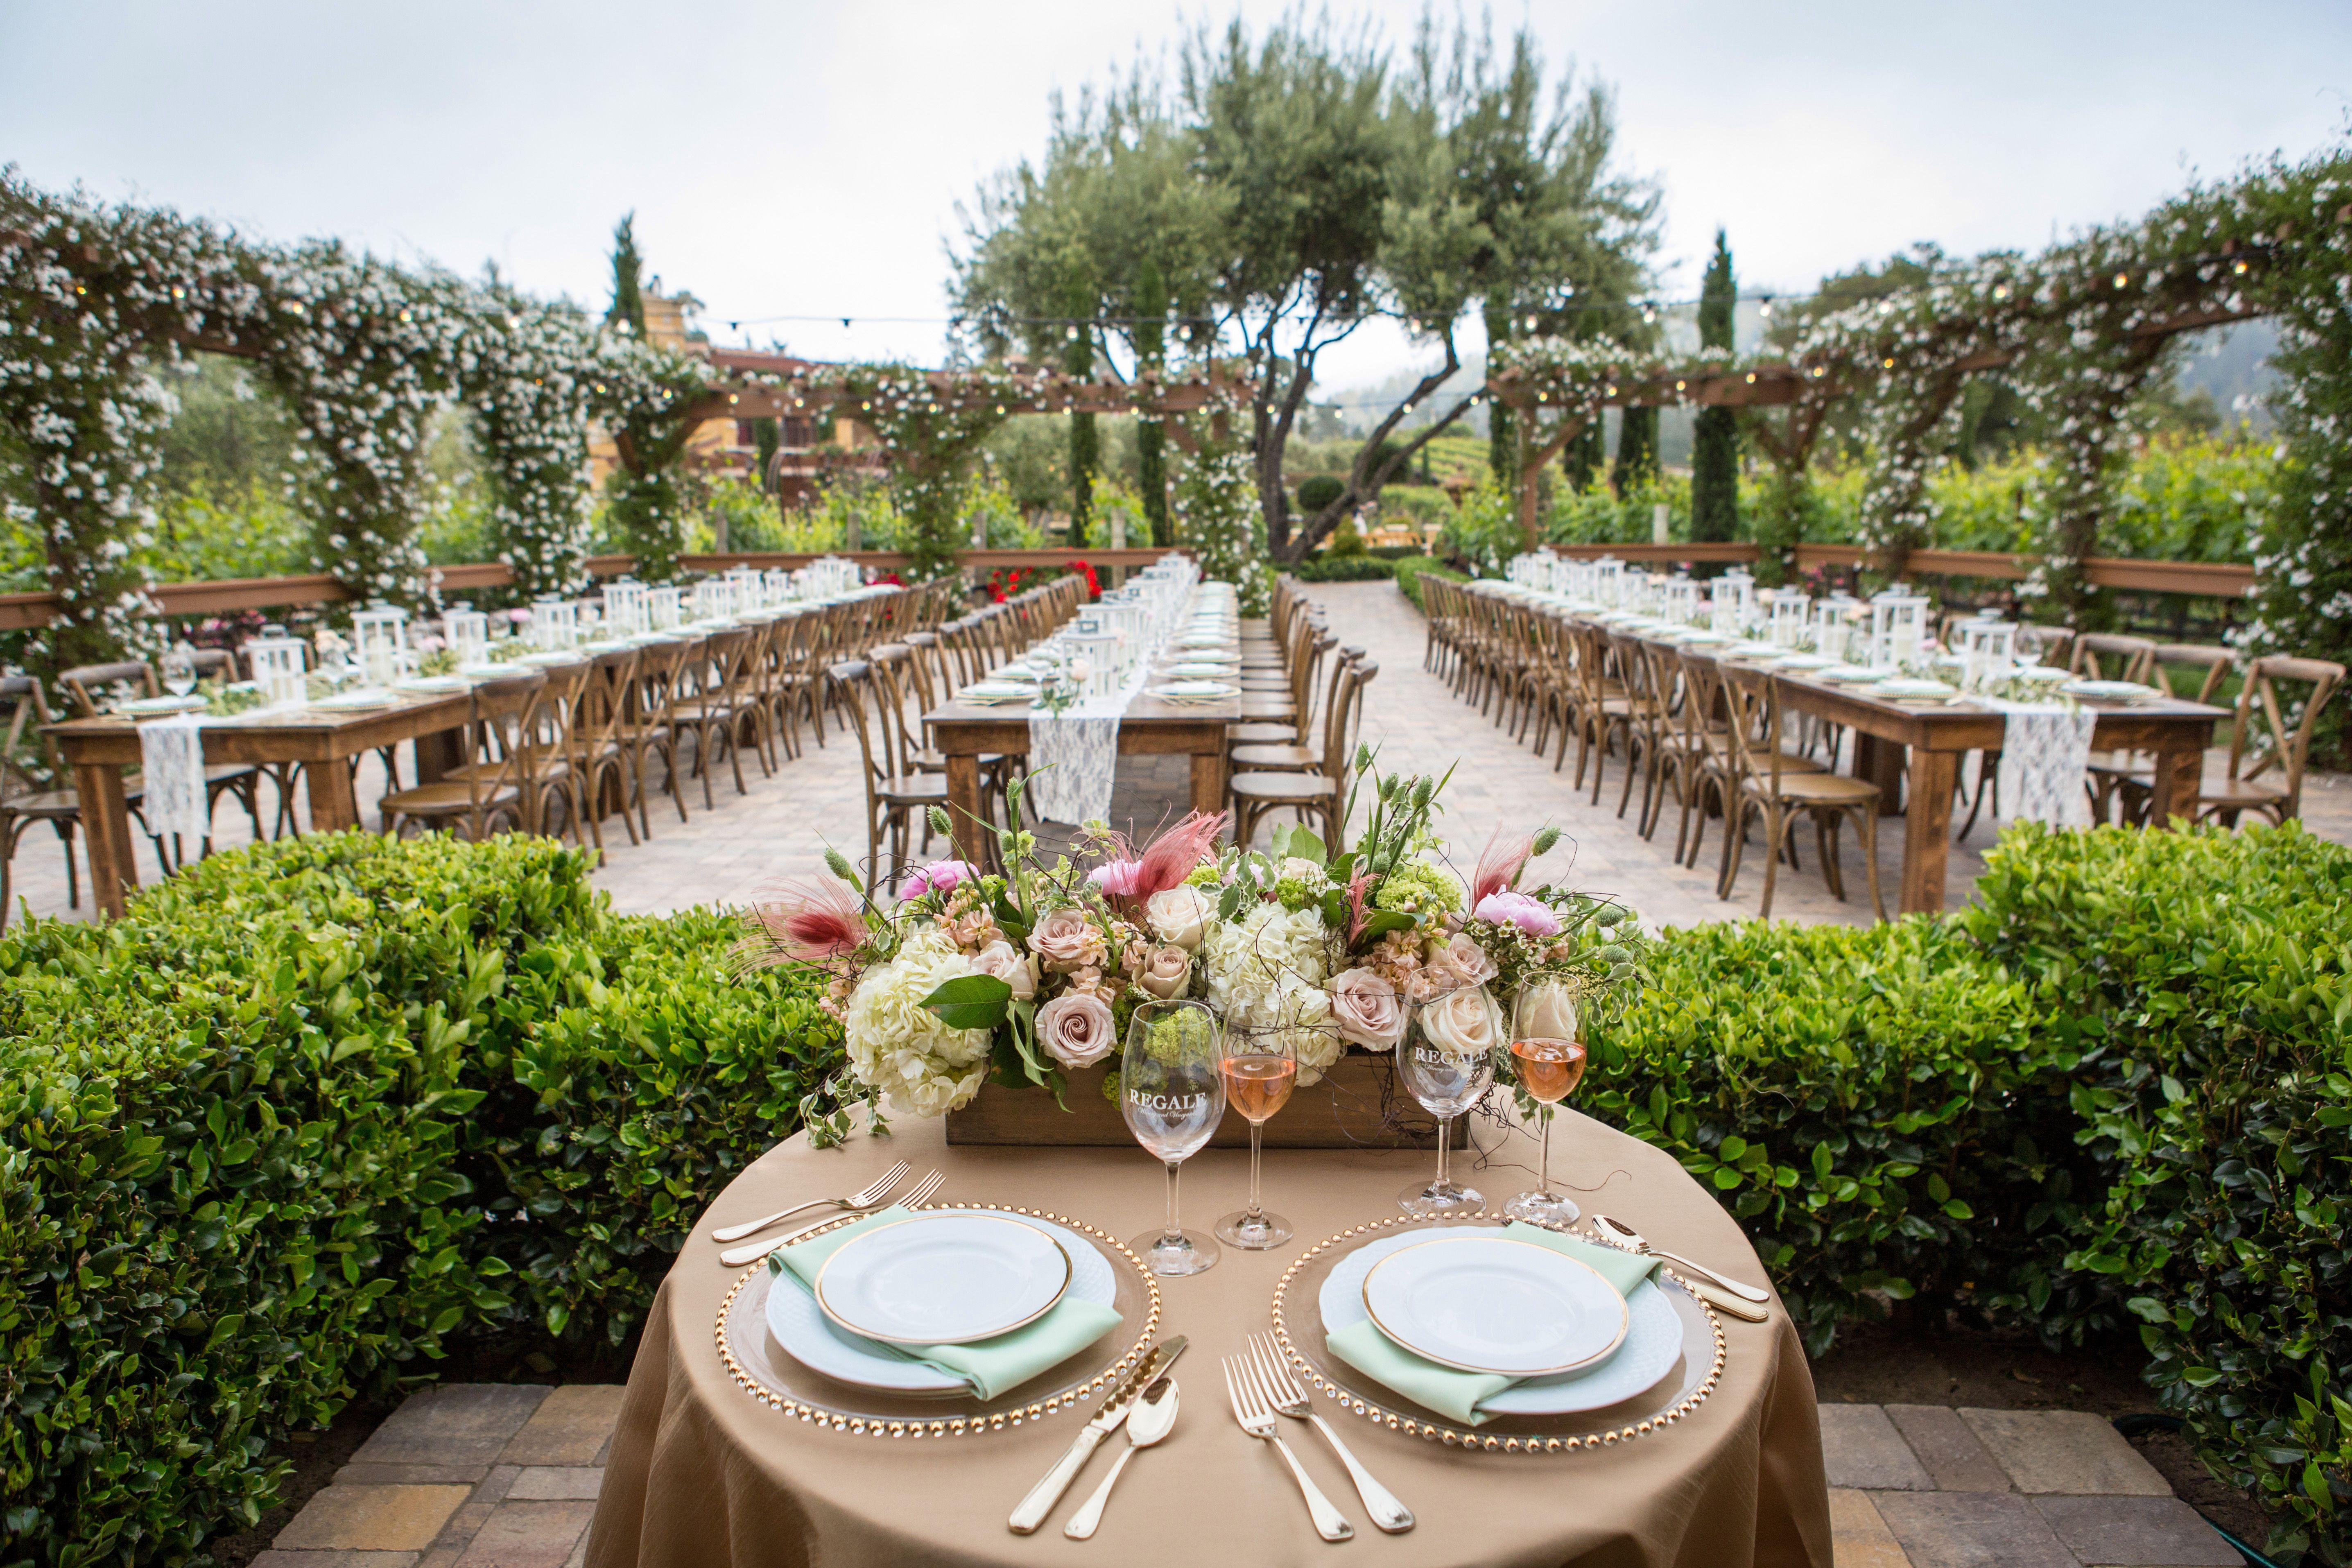 Weddings at Regale Winery Vineyard wedding venue